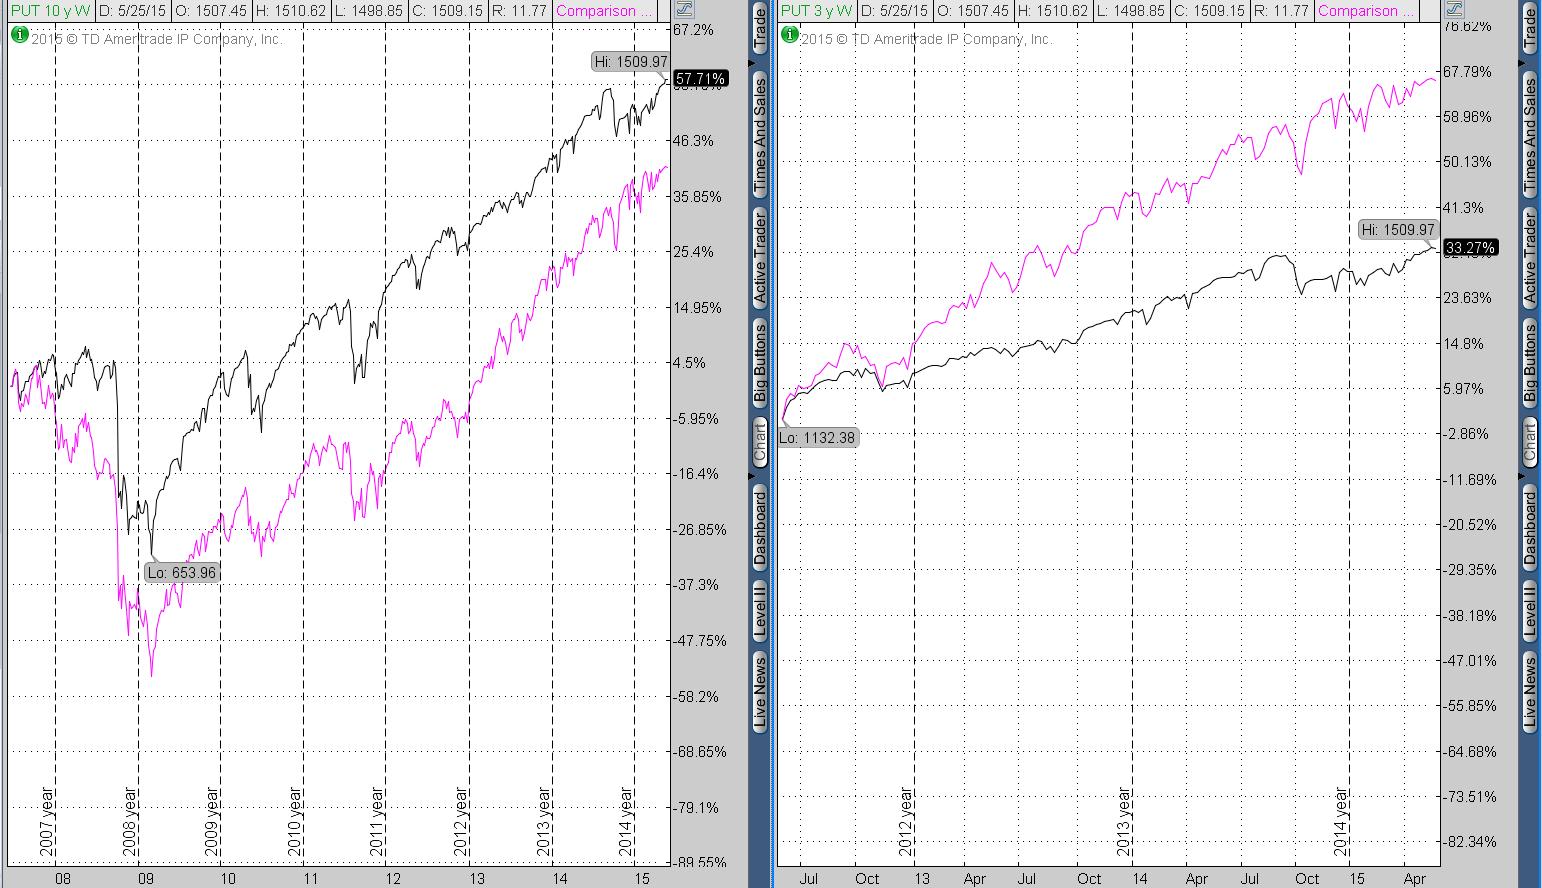 Selling put index vs. S&P 500